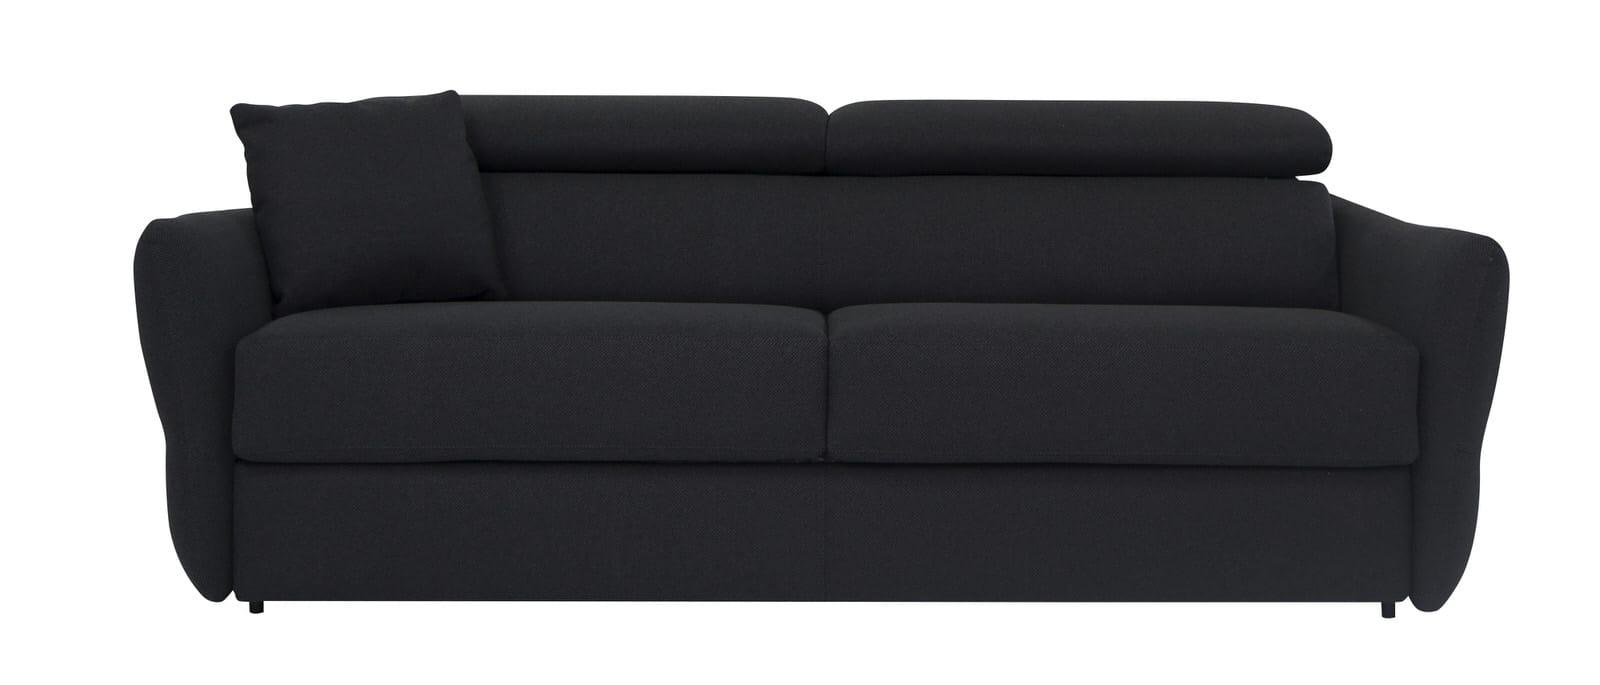 Remarkable Komodo Dark Grey Queen Sofa Bed By Pezzan Furniture Machost Co Dining Chair Design Ideas Machostcouk